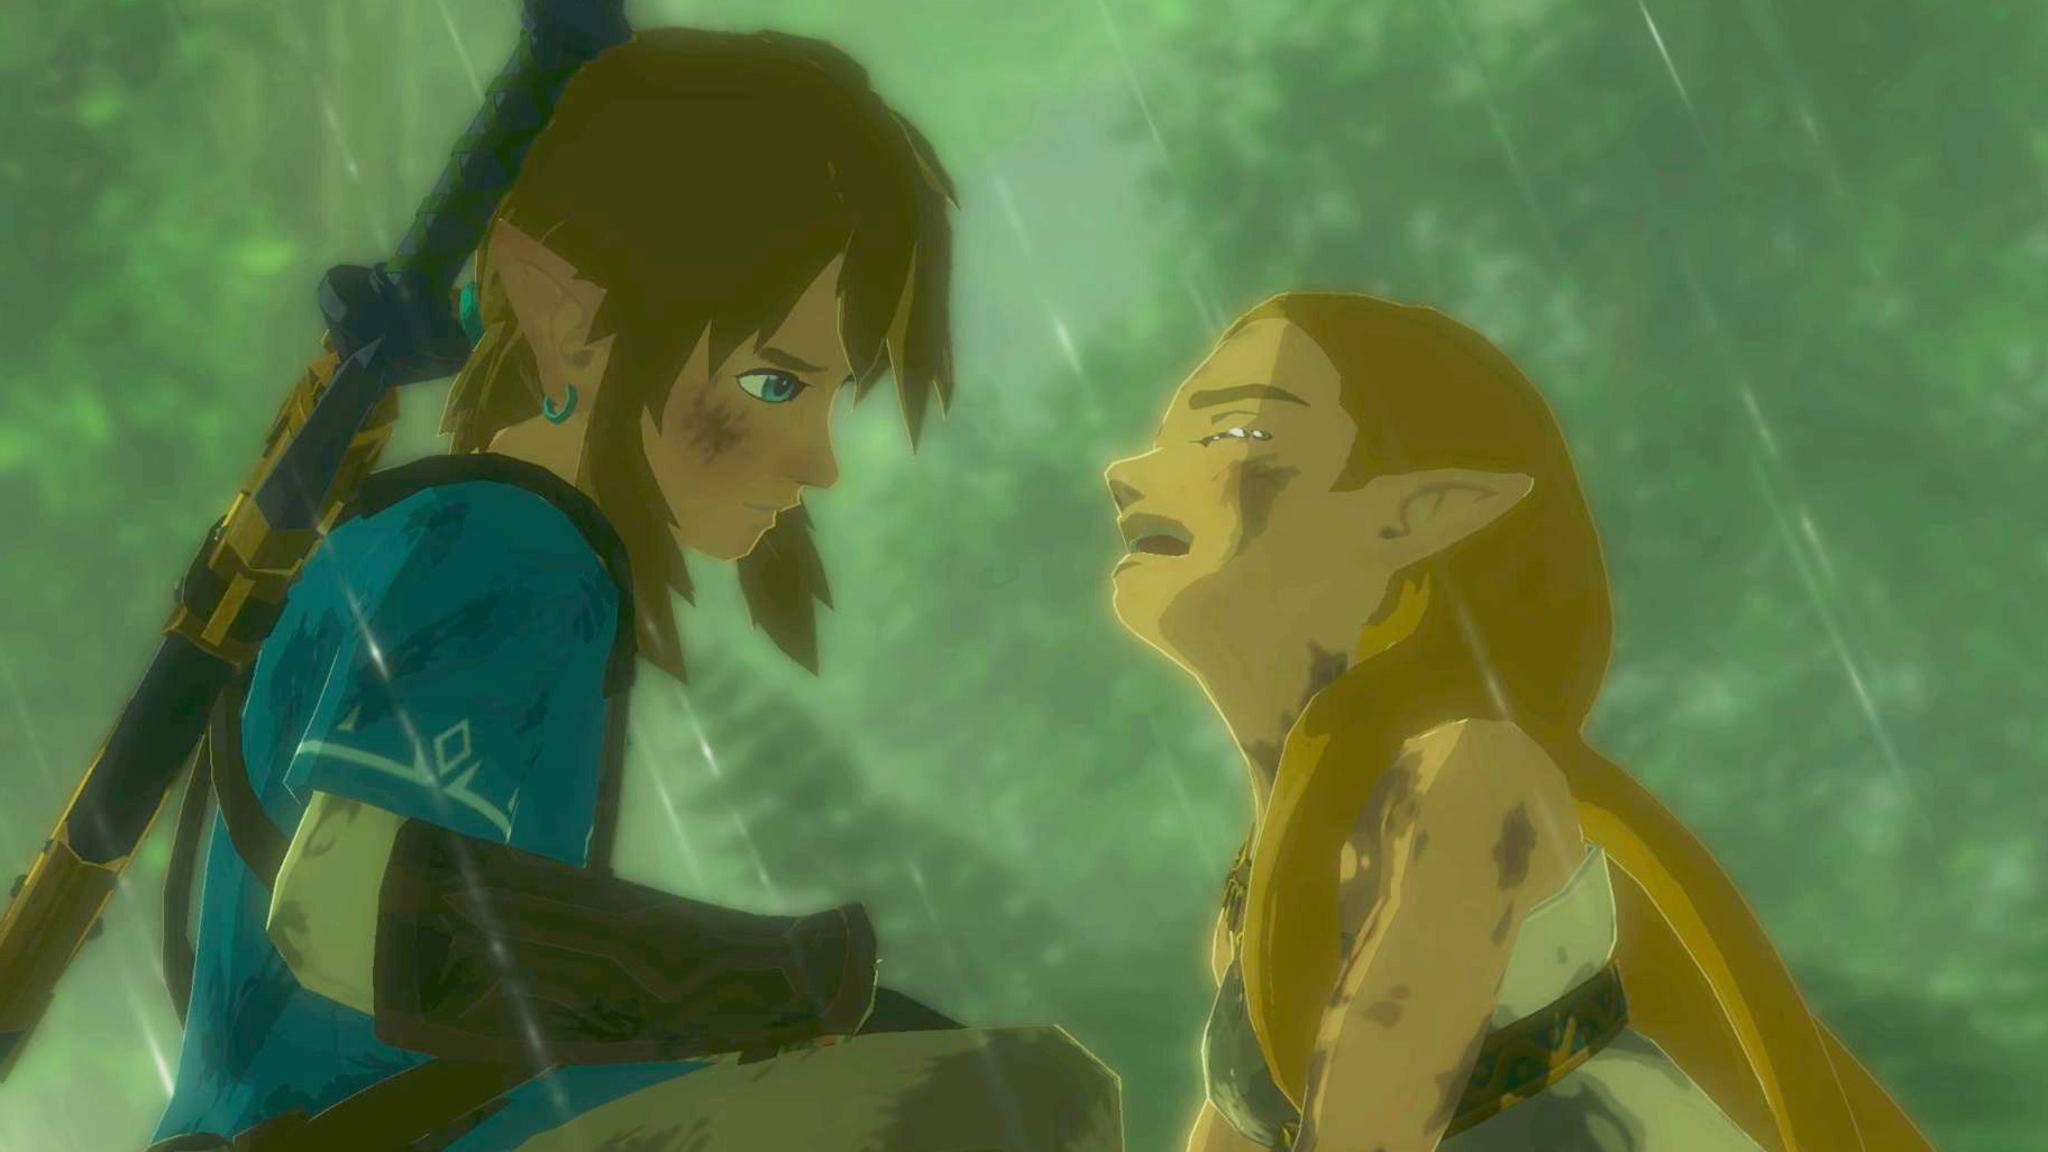 """Spricht Link in """"The Legend of Zelda: Breath of the Wild"""" nicht?"""